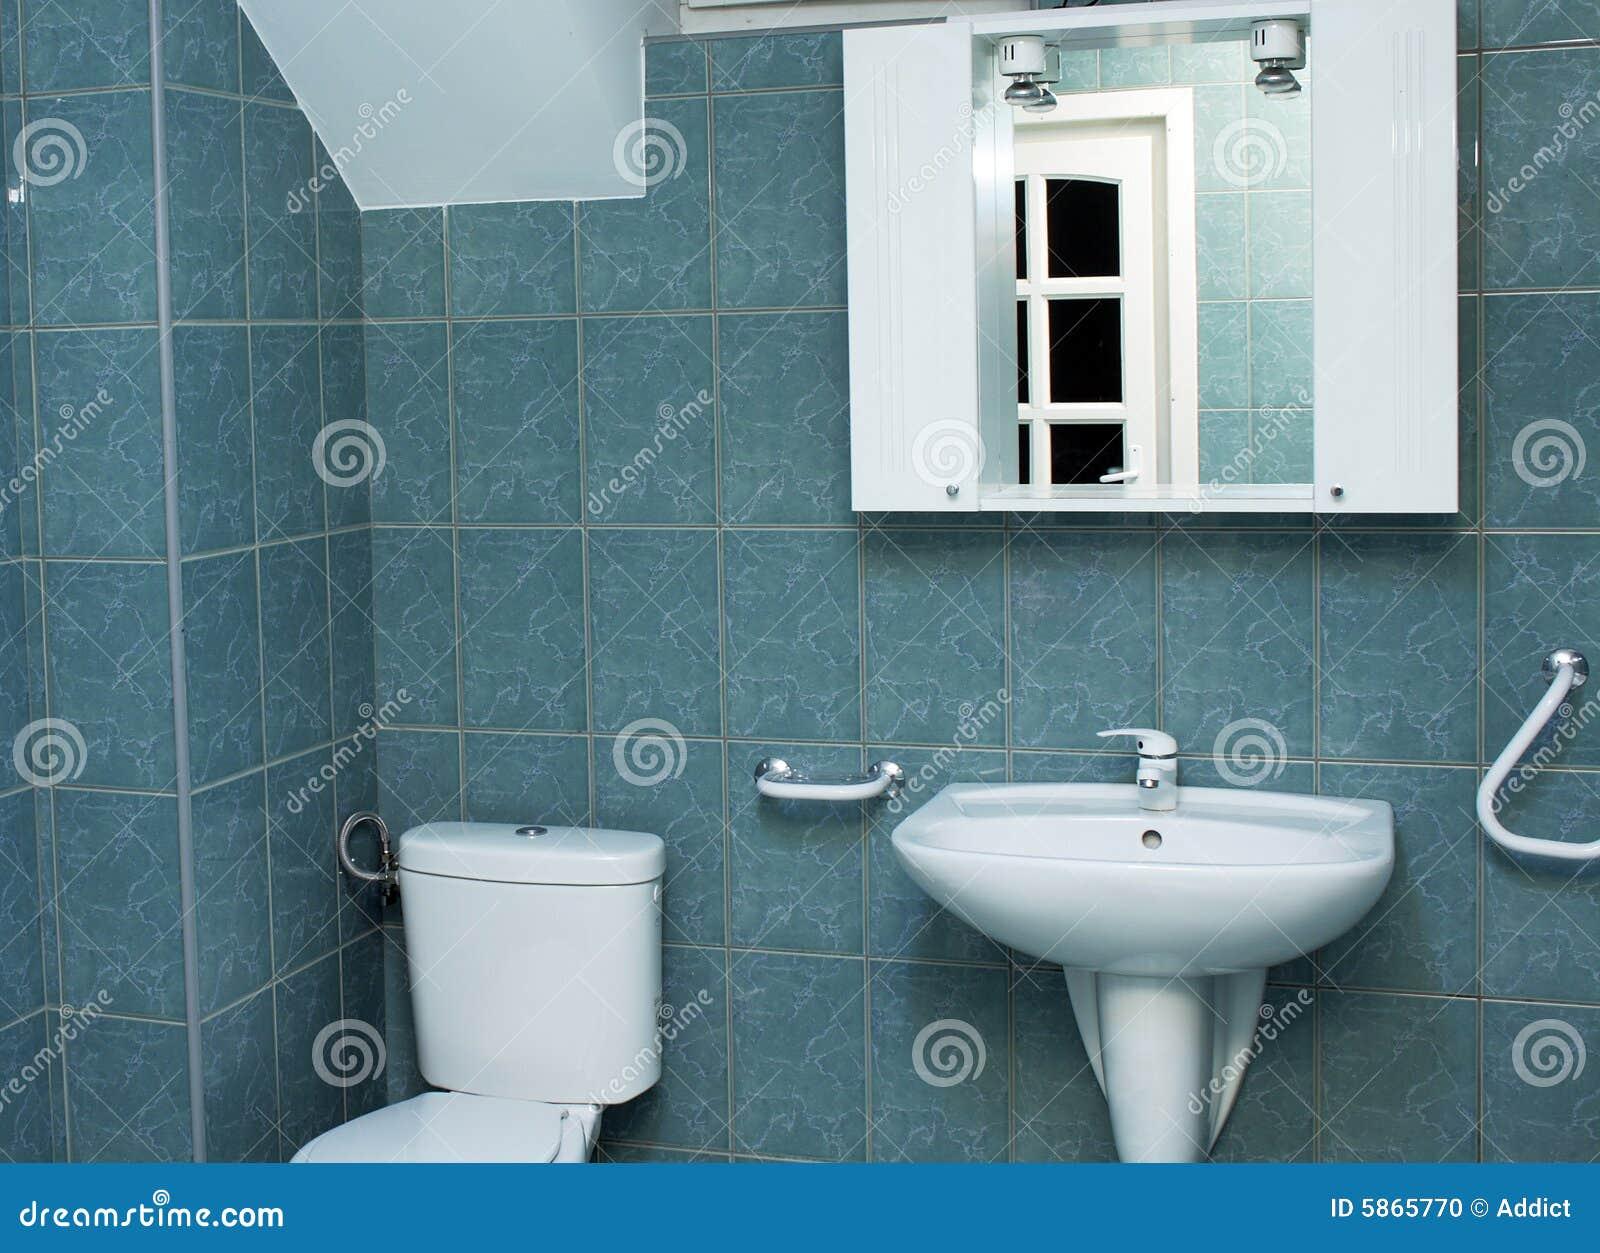 Cuarto de ba o moderno con los azulejos verdes foto de - Azulejos bano moderno ...